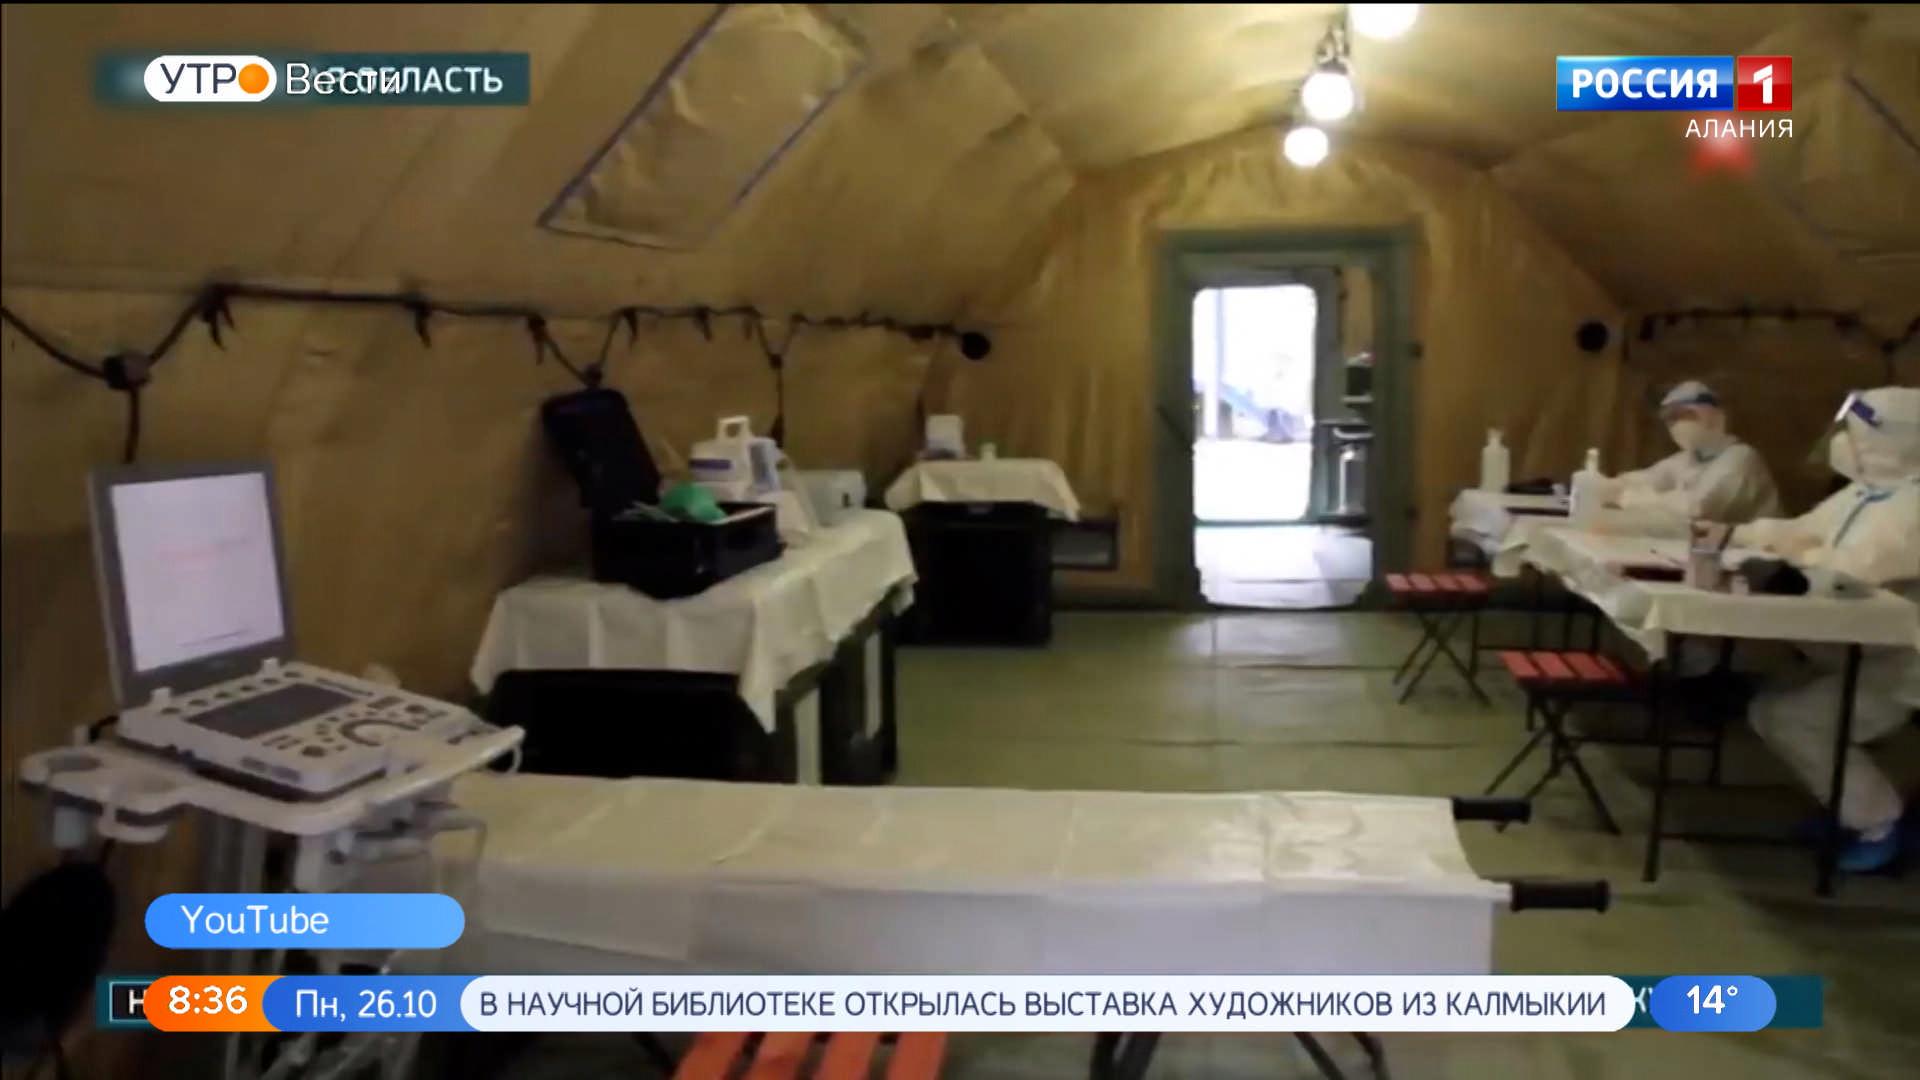 Военный госпиталь для приема больных с коронавирусом отправили в Цхинвал из Подмосковья